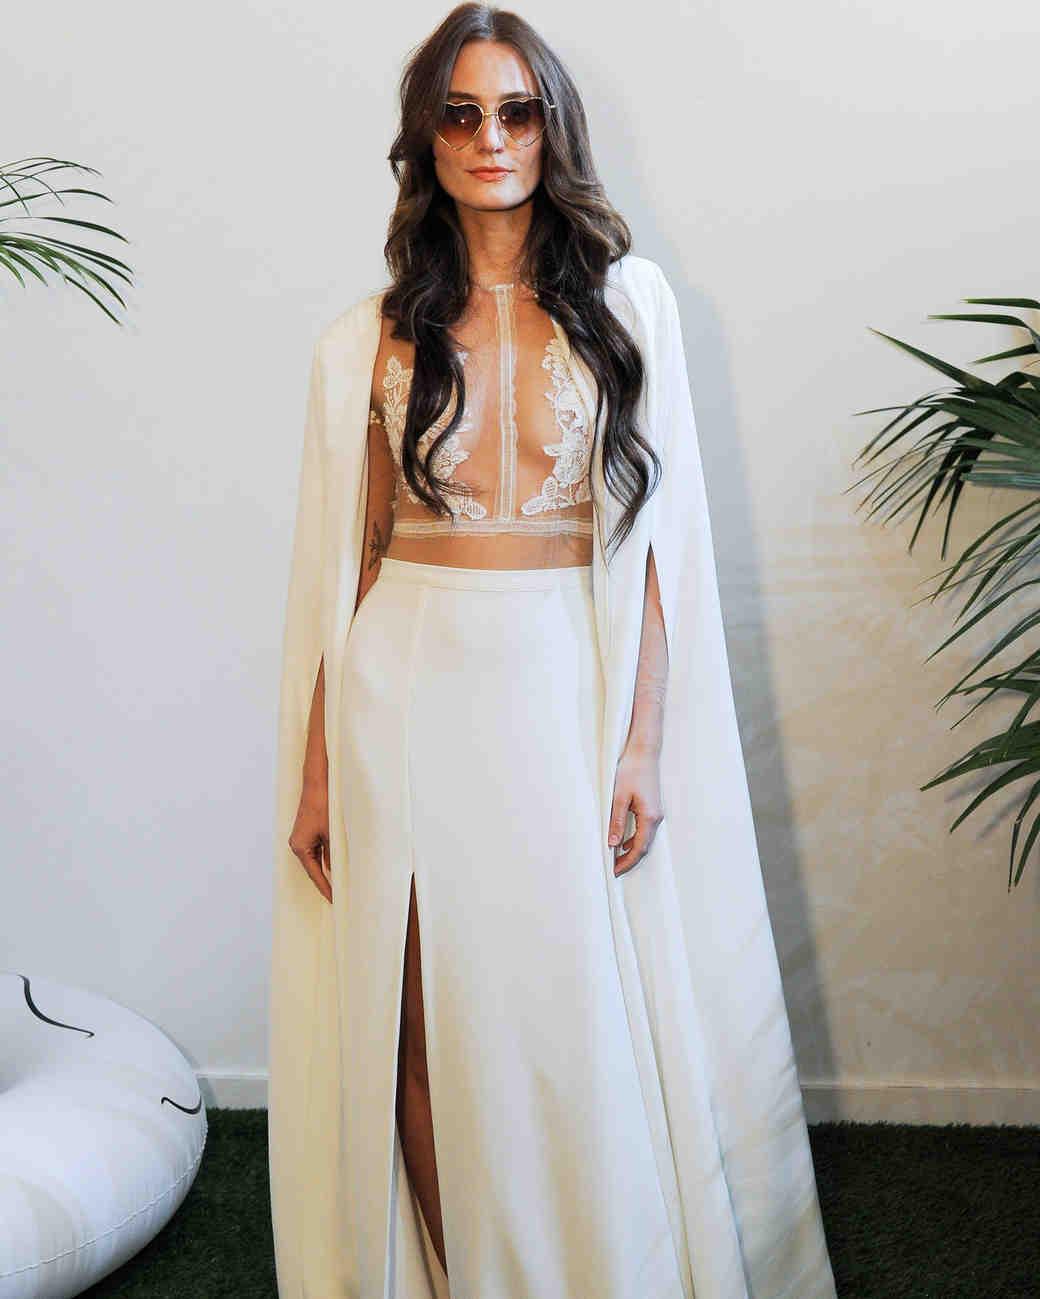 White dress design 2017 - White Dress Design 2017 35